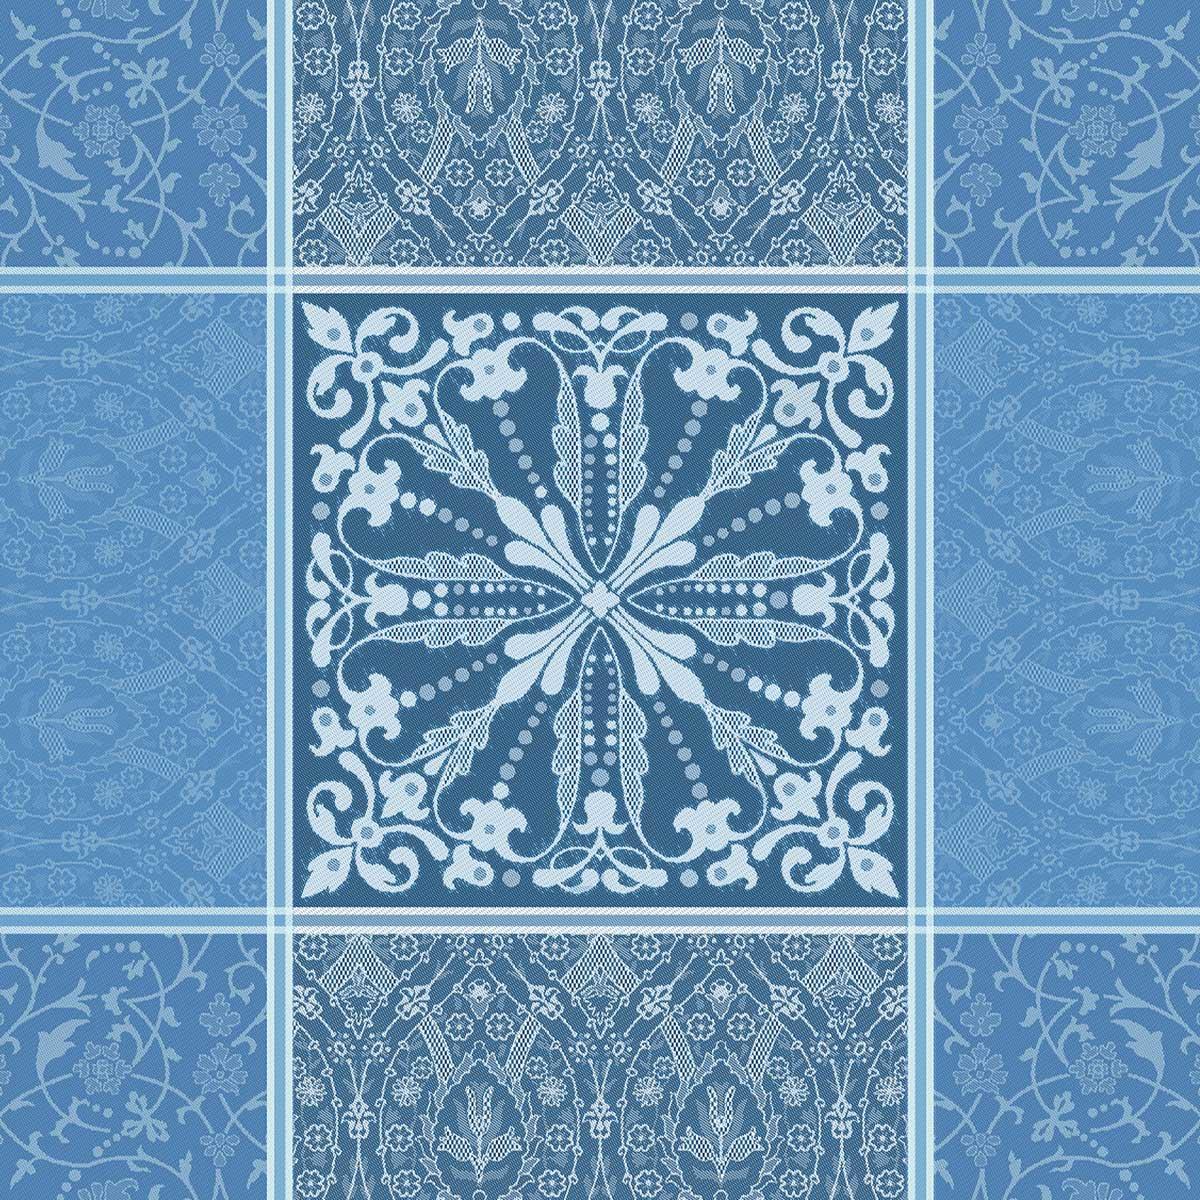 ガルニエティエボー ナプキン カッサンドル サファイア(4枚セット)